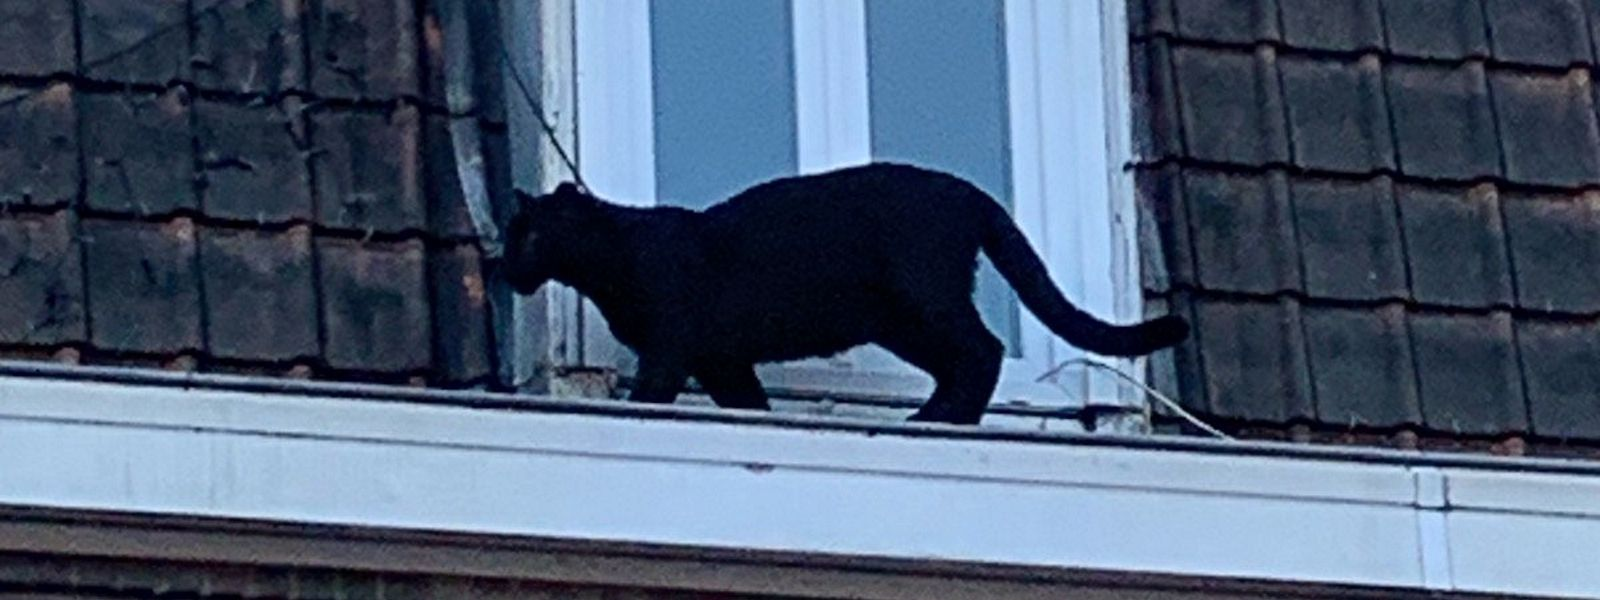 Der etwa sechs Monate alte Panther spaziert in der Abendsonne über die Dächer von Amentières.